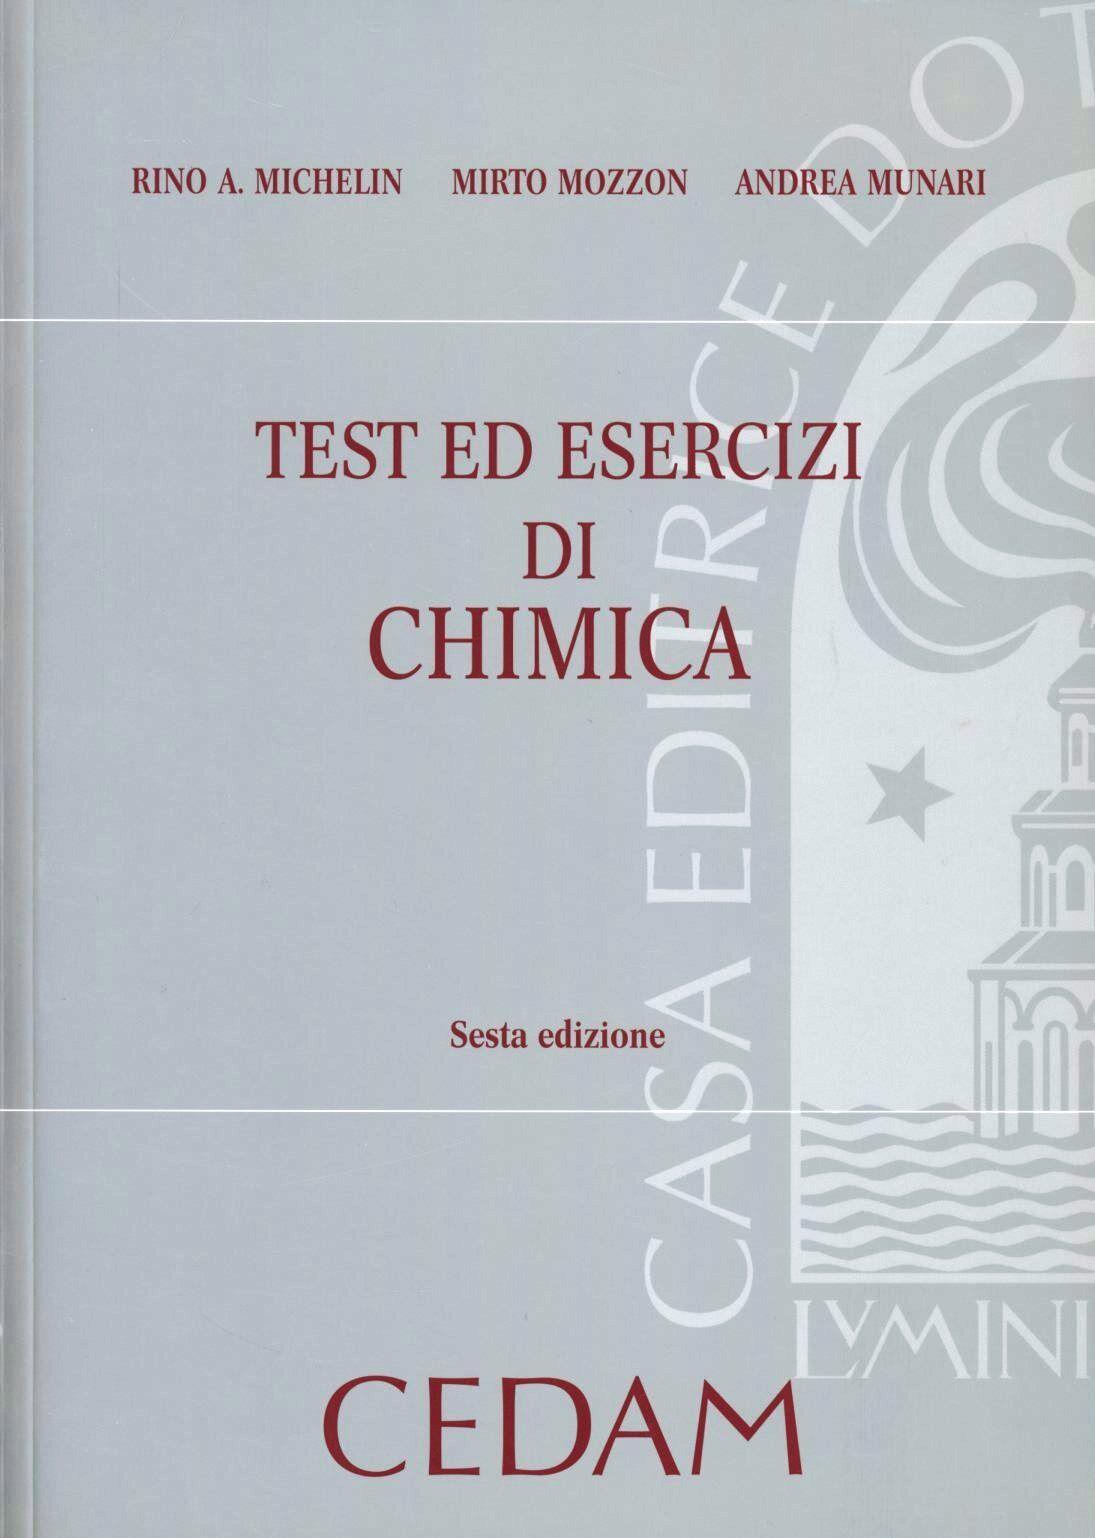 Test ed esercizi di chimica